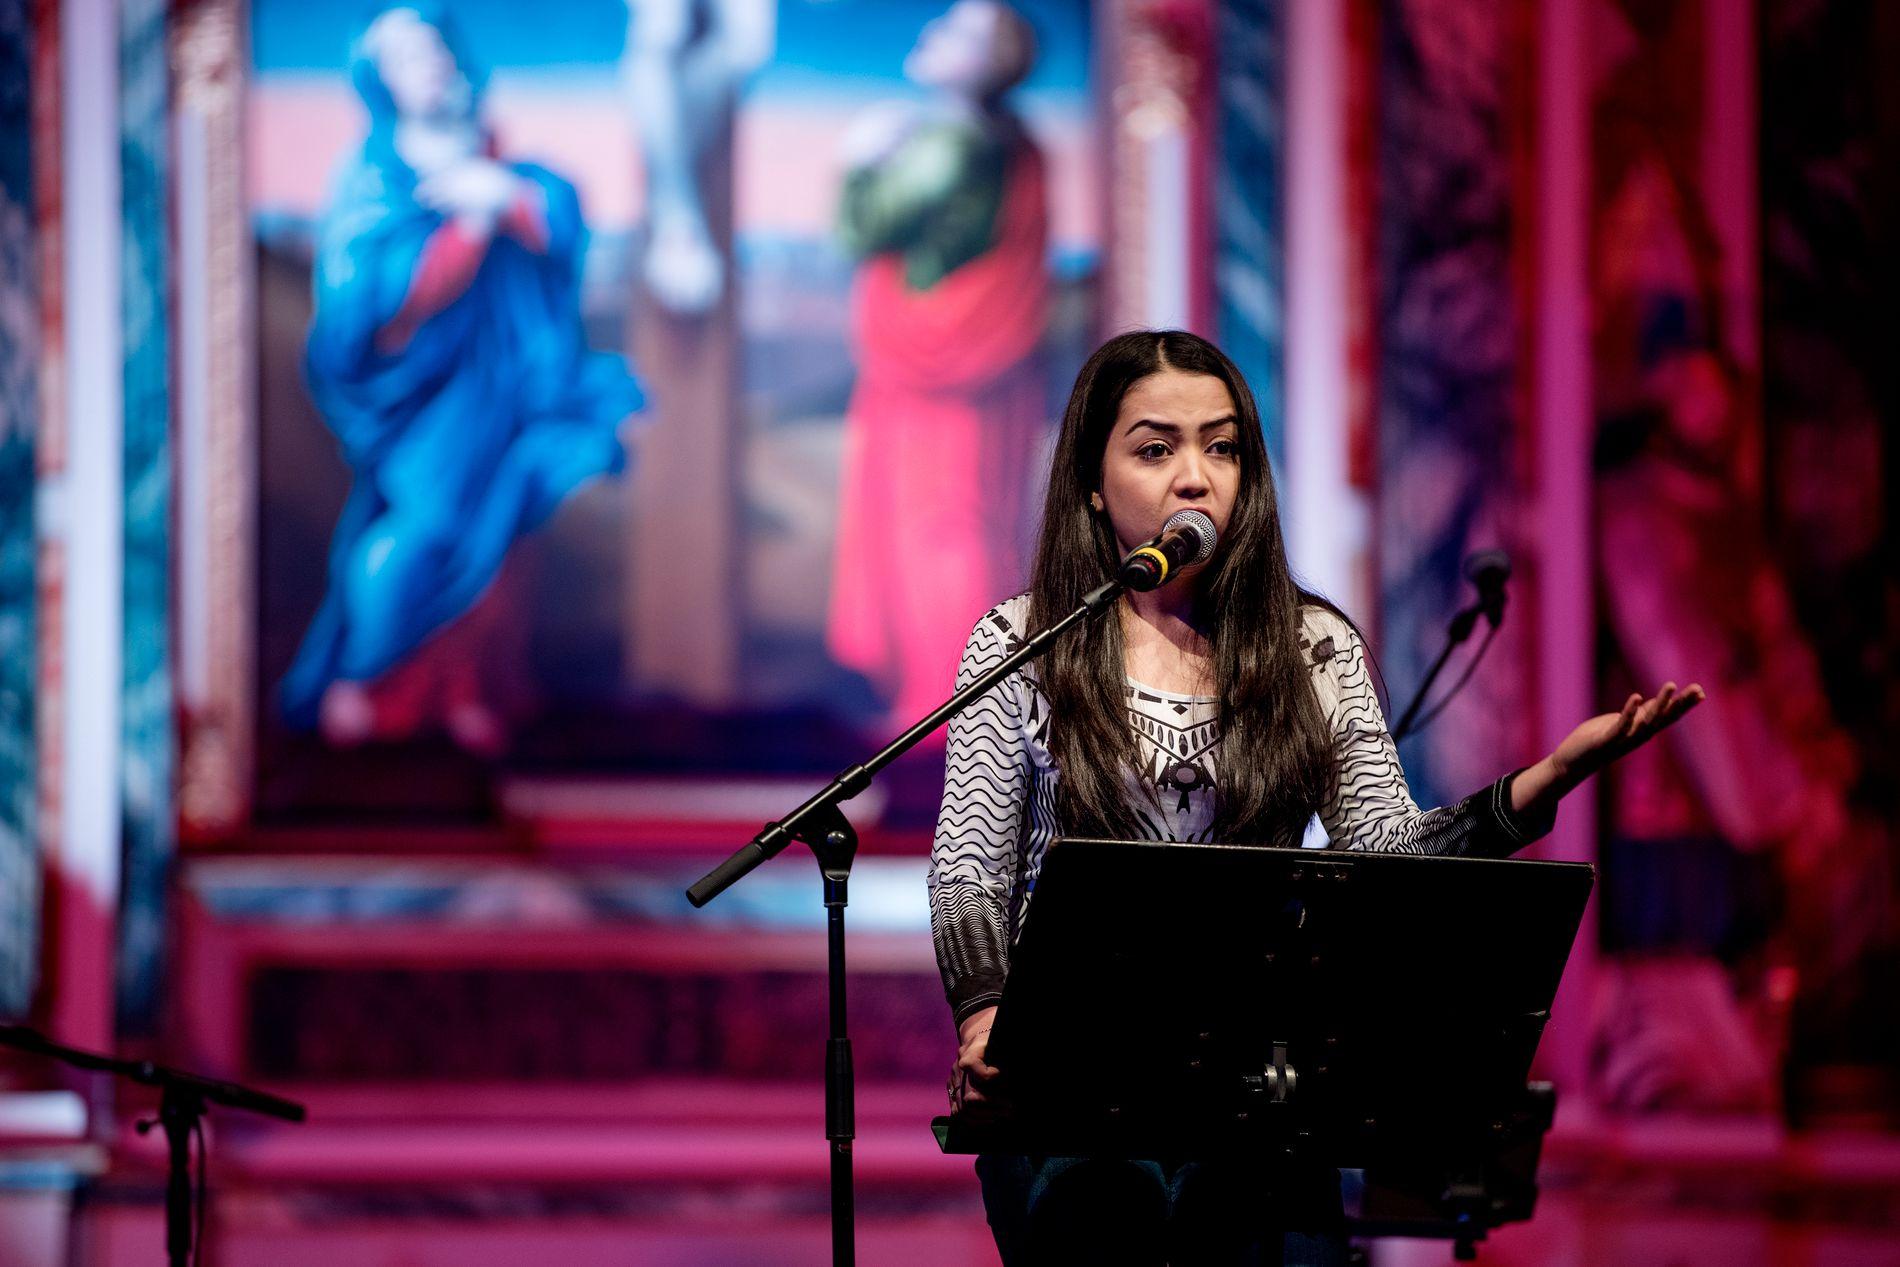 SPØRSMÅL TIL ERNA: Taibeh formidlet sitt spørsmål til Erna Solberg fra scenen onsdag.